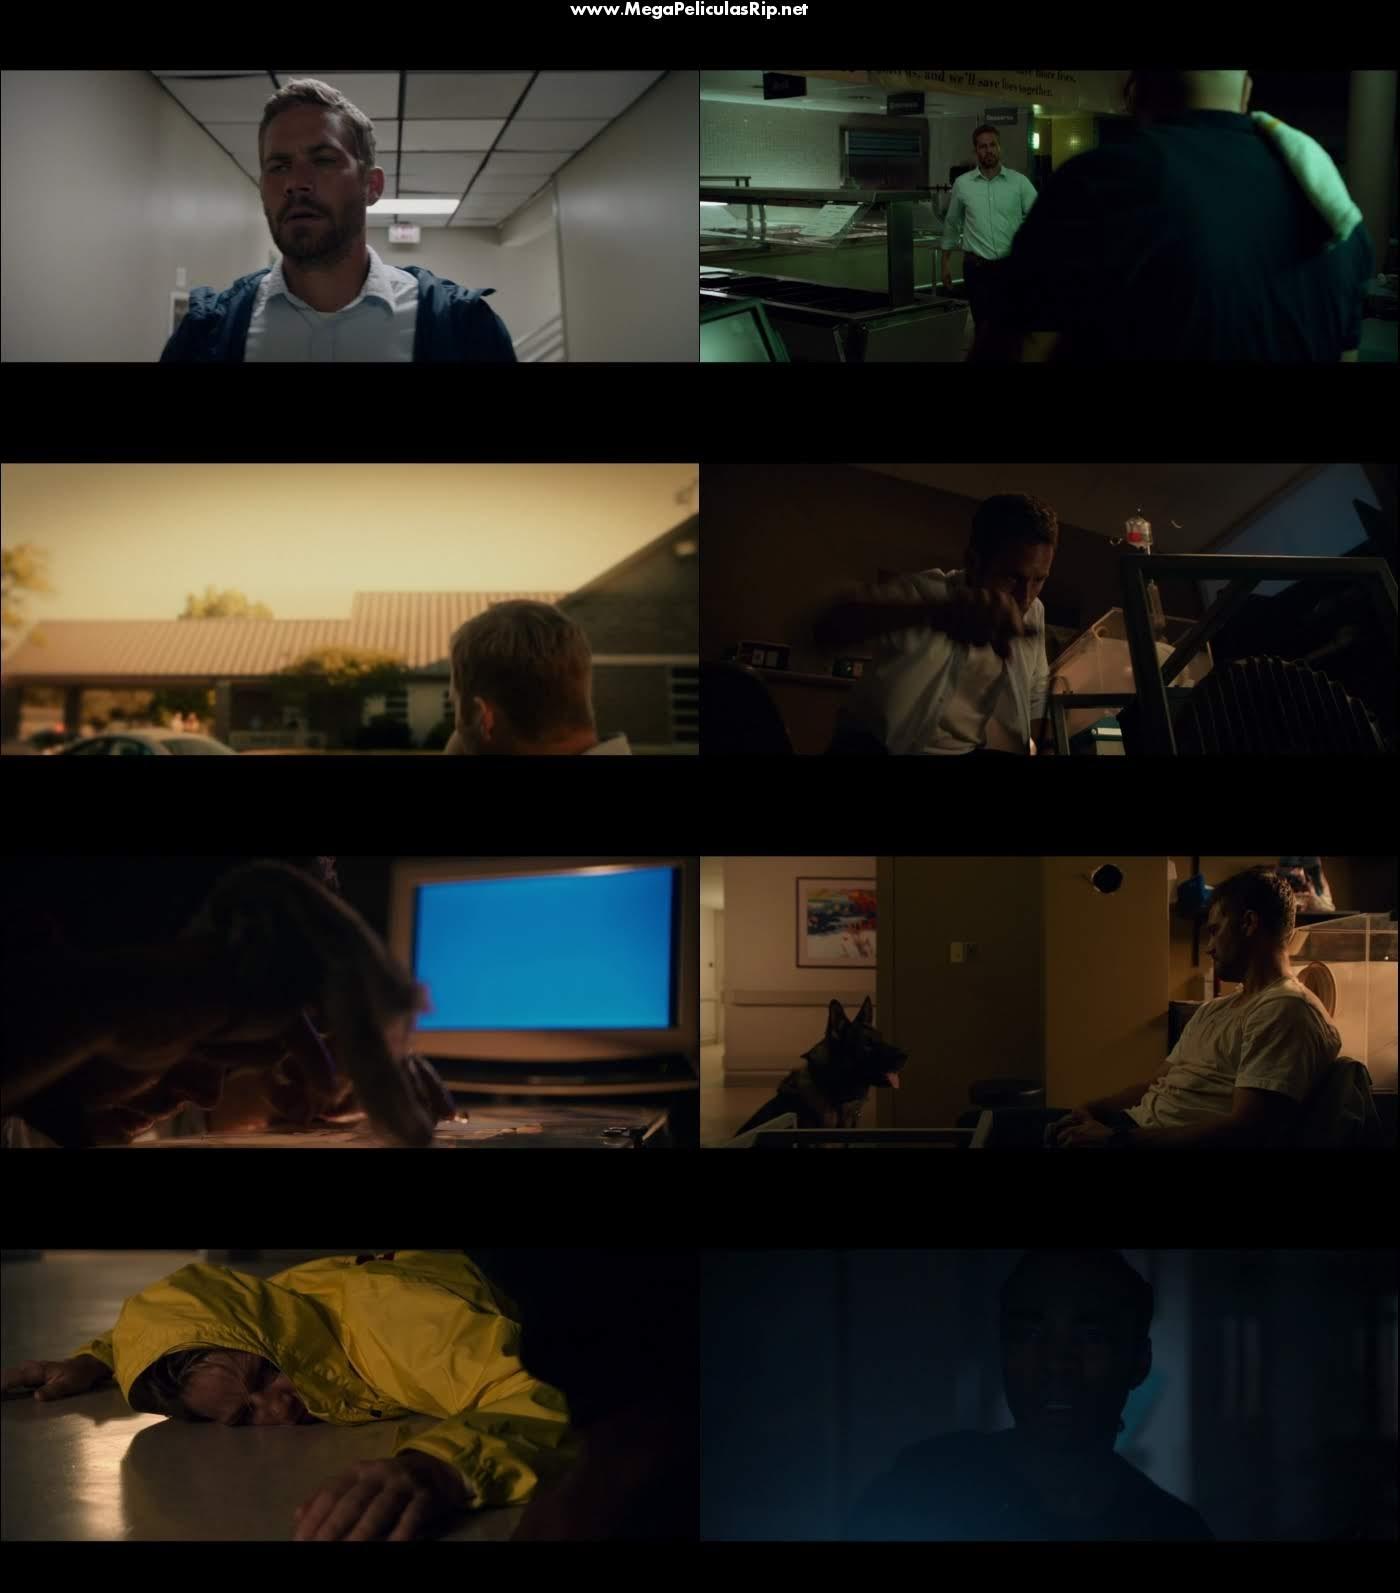 Horas desesperadas 1080p Latino